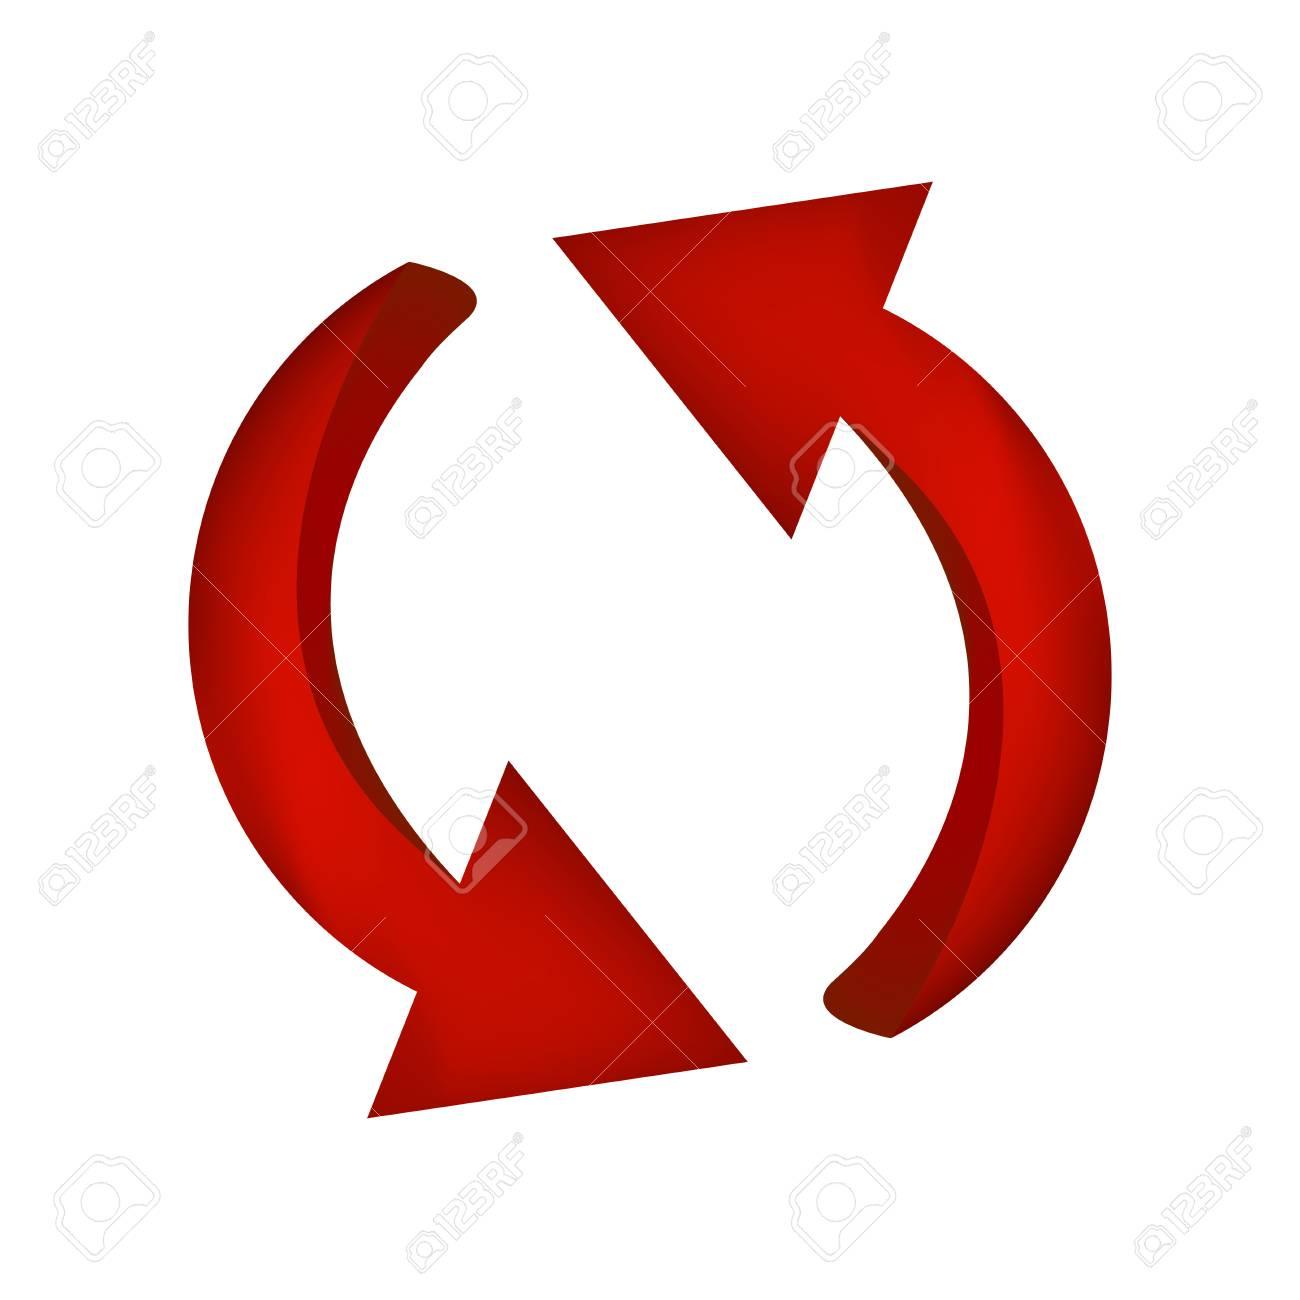 矢印シンボル赤いアイコン クリップアート ビジネス コンセプトです